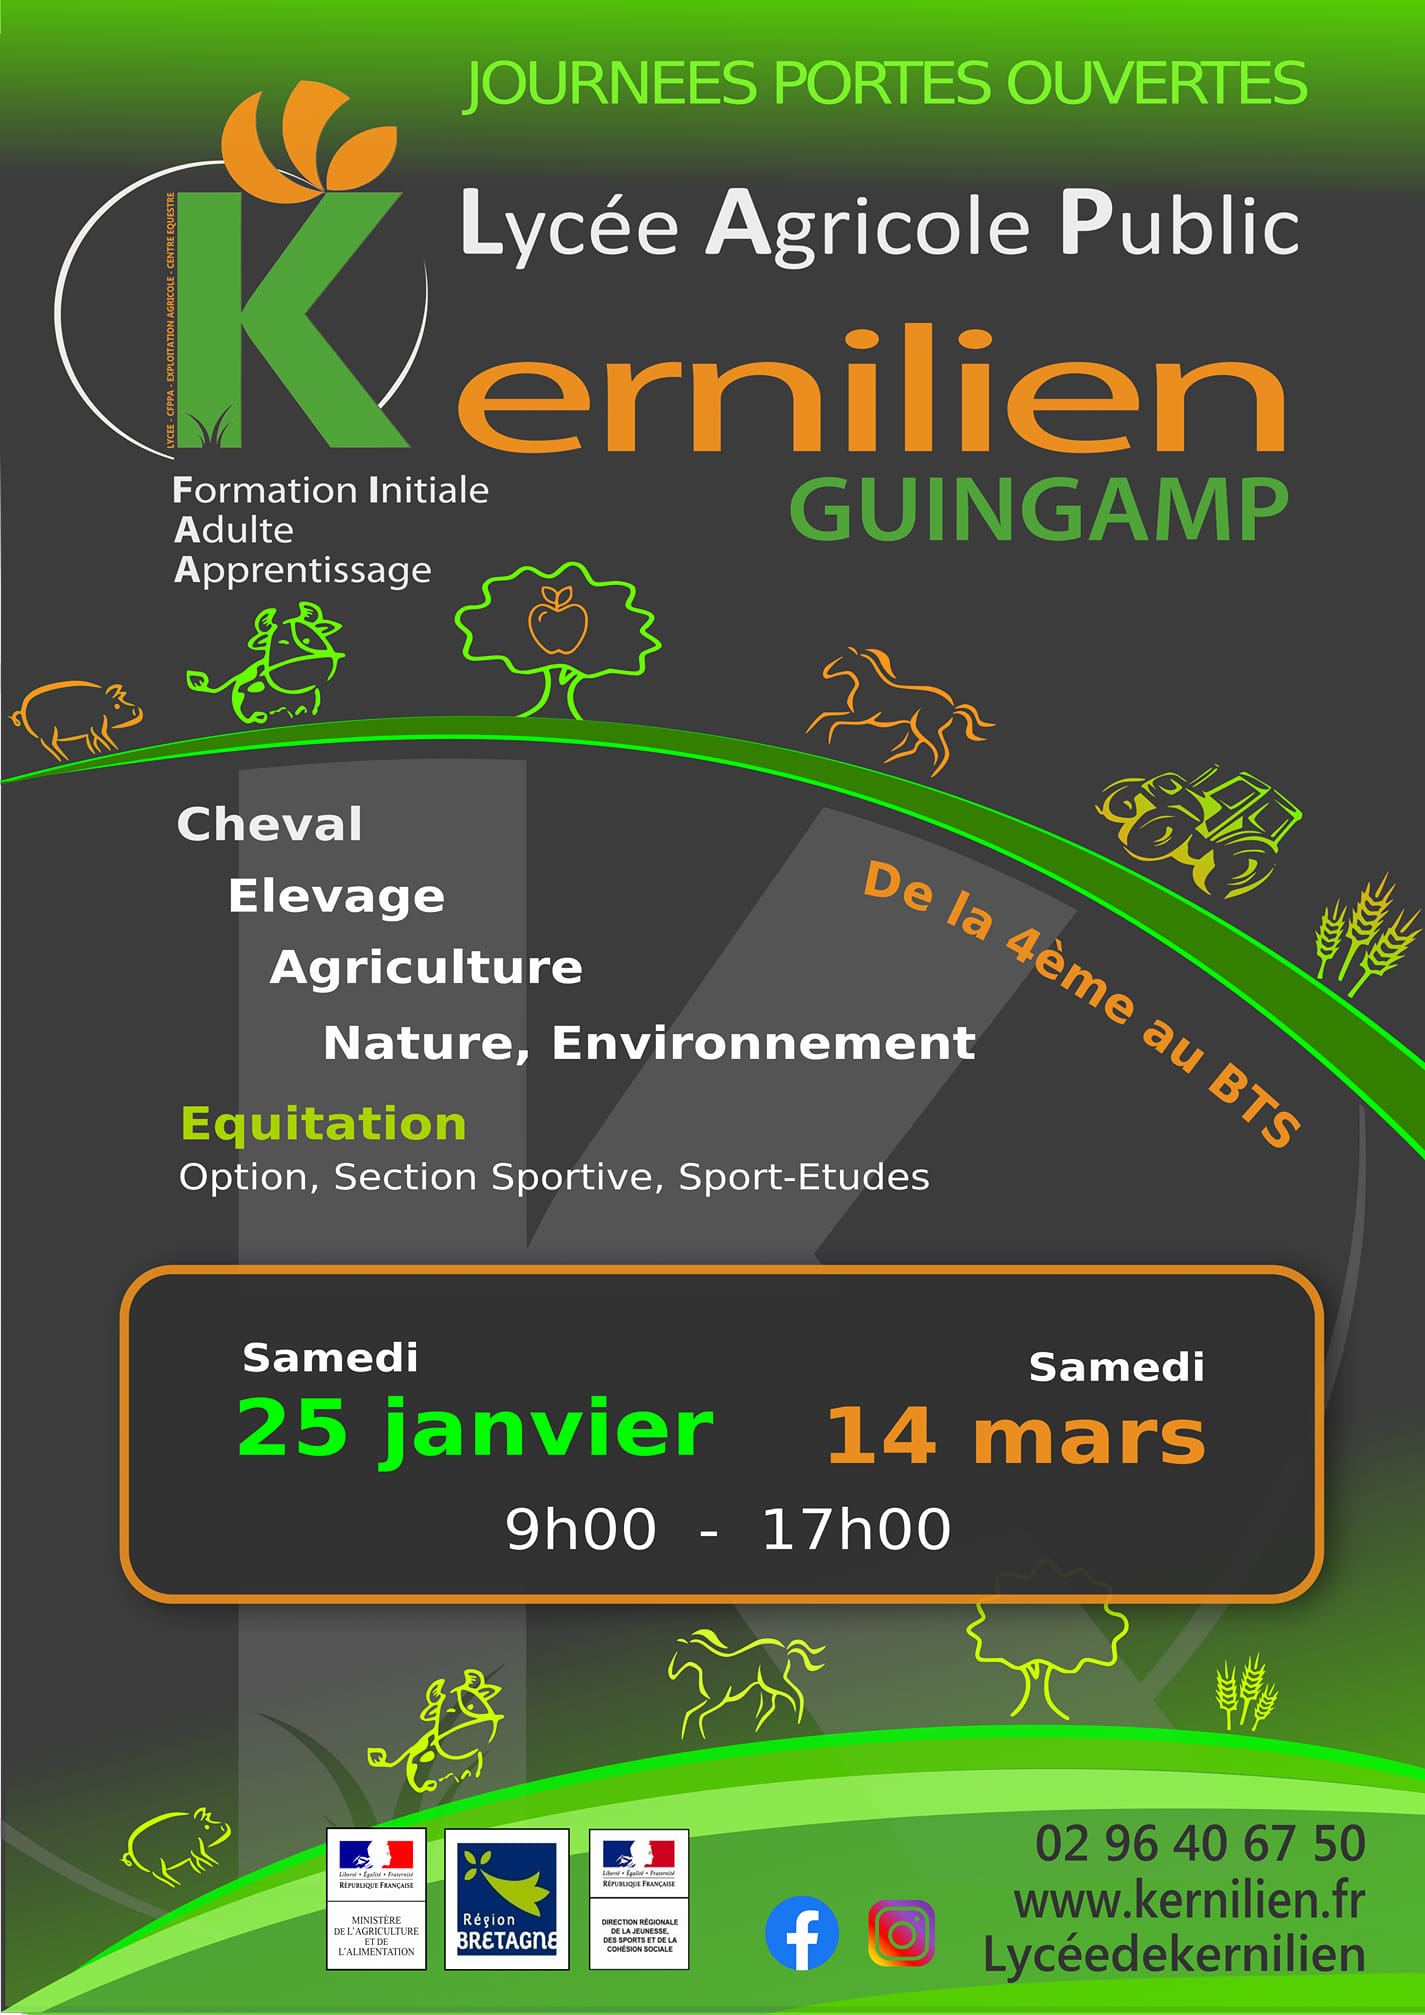 Journée Portes Ouvertes Lycée de Kernilien à Guigamp